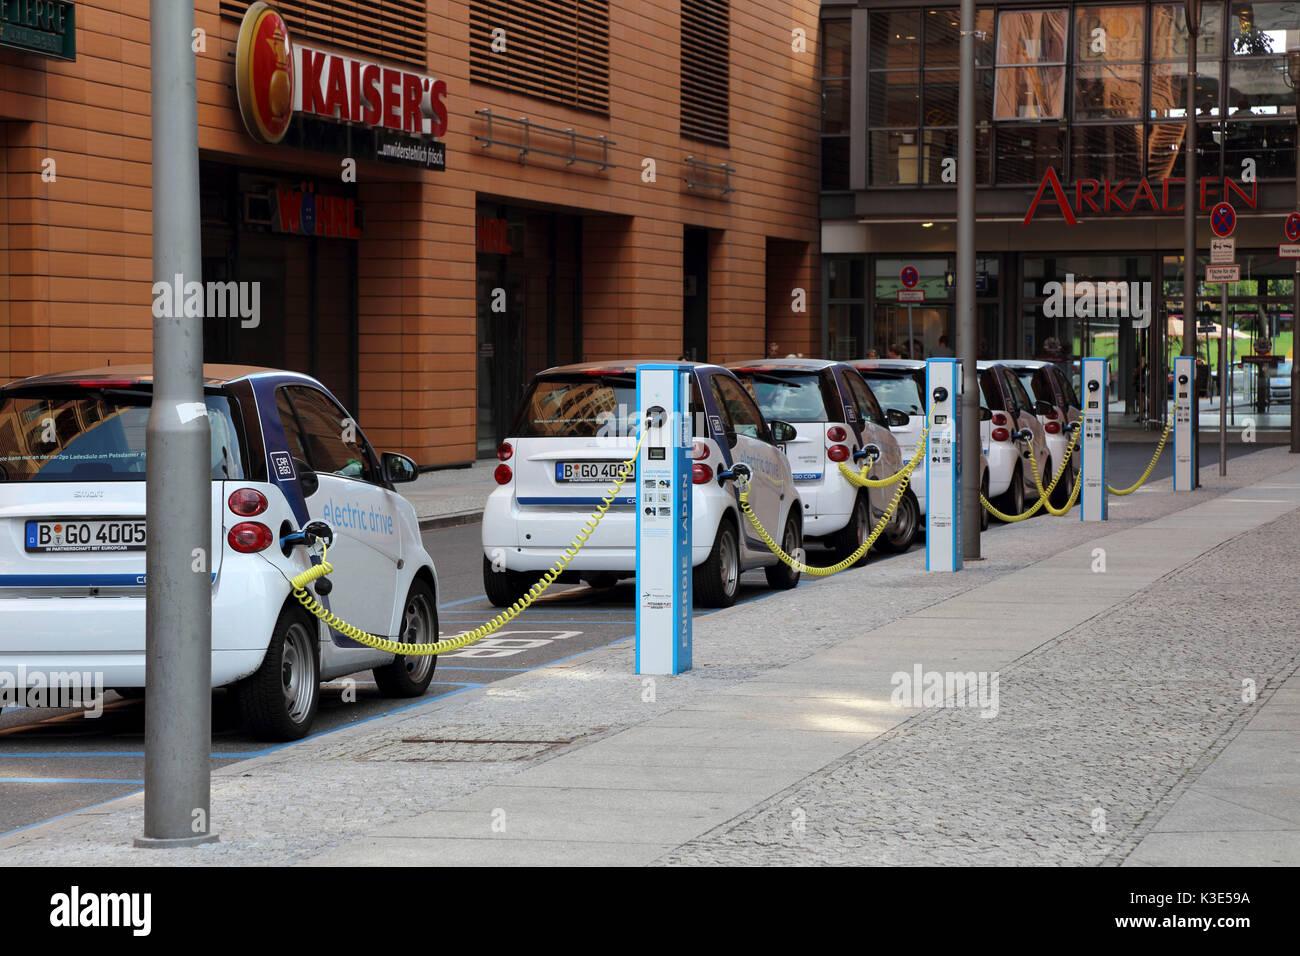 Alemania, en el distrito Mitte de Berlín, coche eléctrico, estación de carga Imagen De Stock